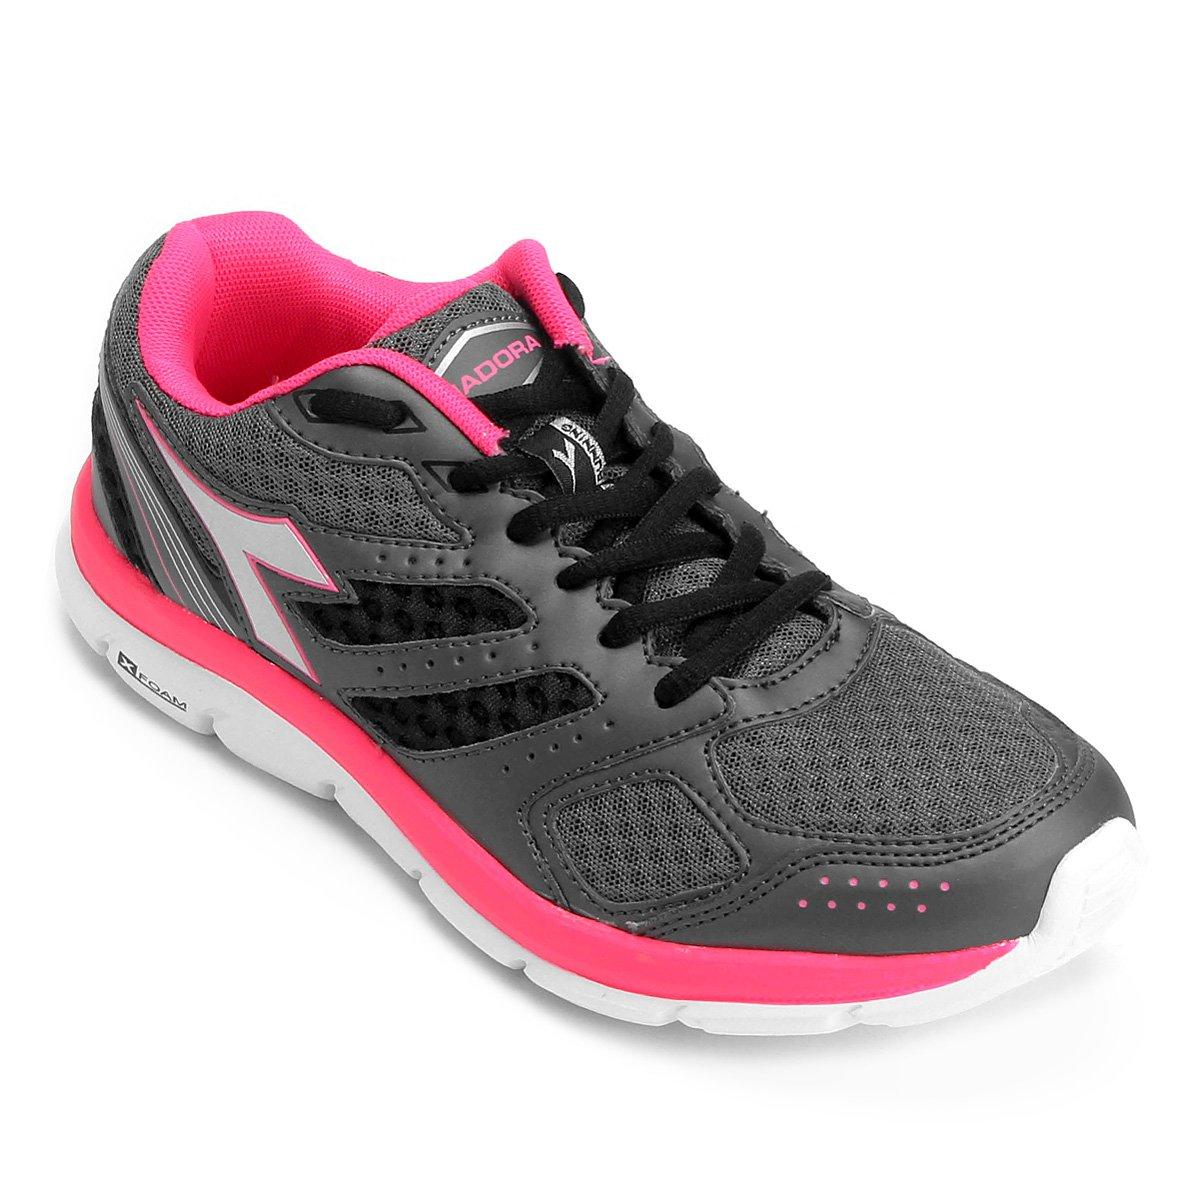 f85c308afc979 Tênis Diadora Legacy Feminino - Chumbo e Pink - Compre Agora